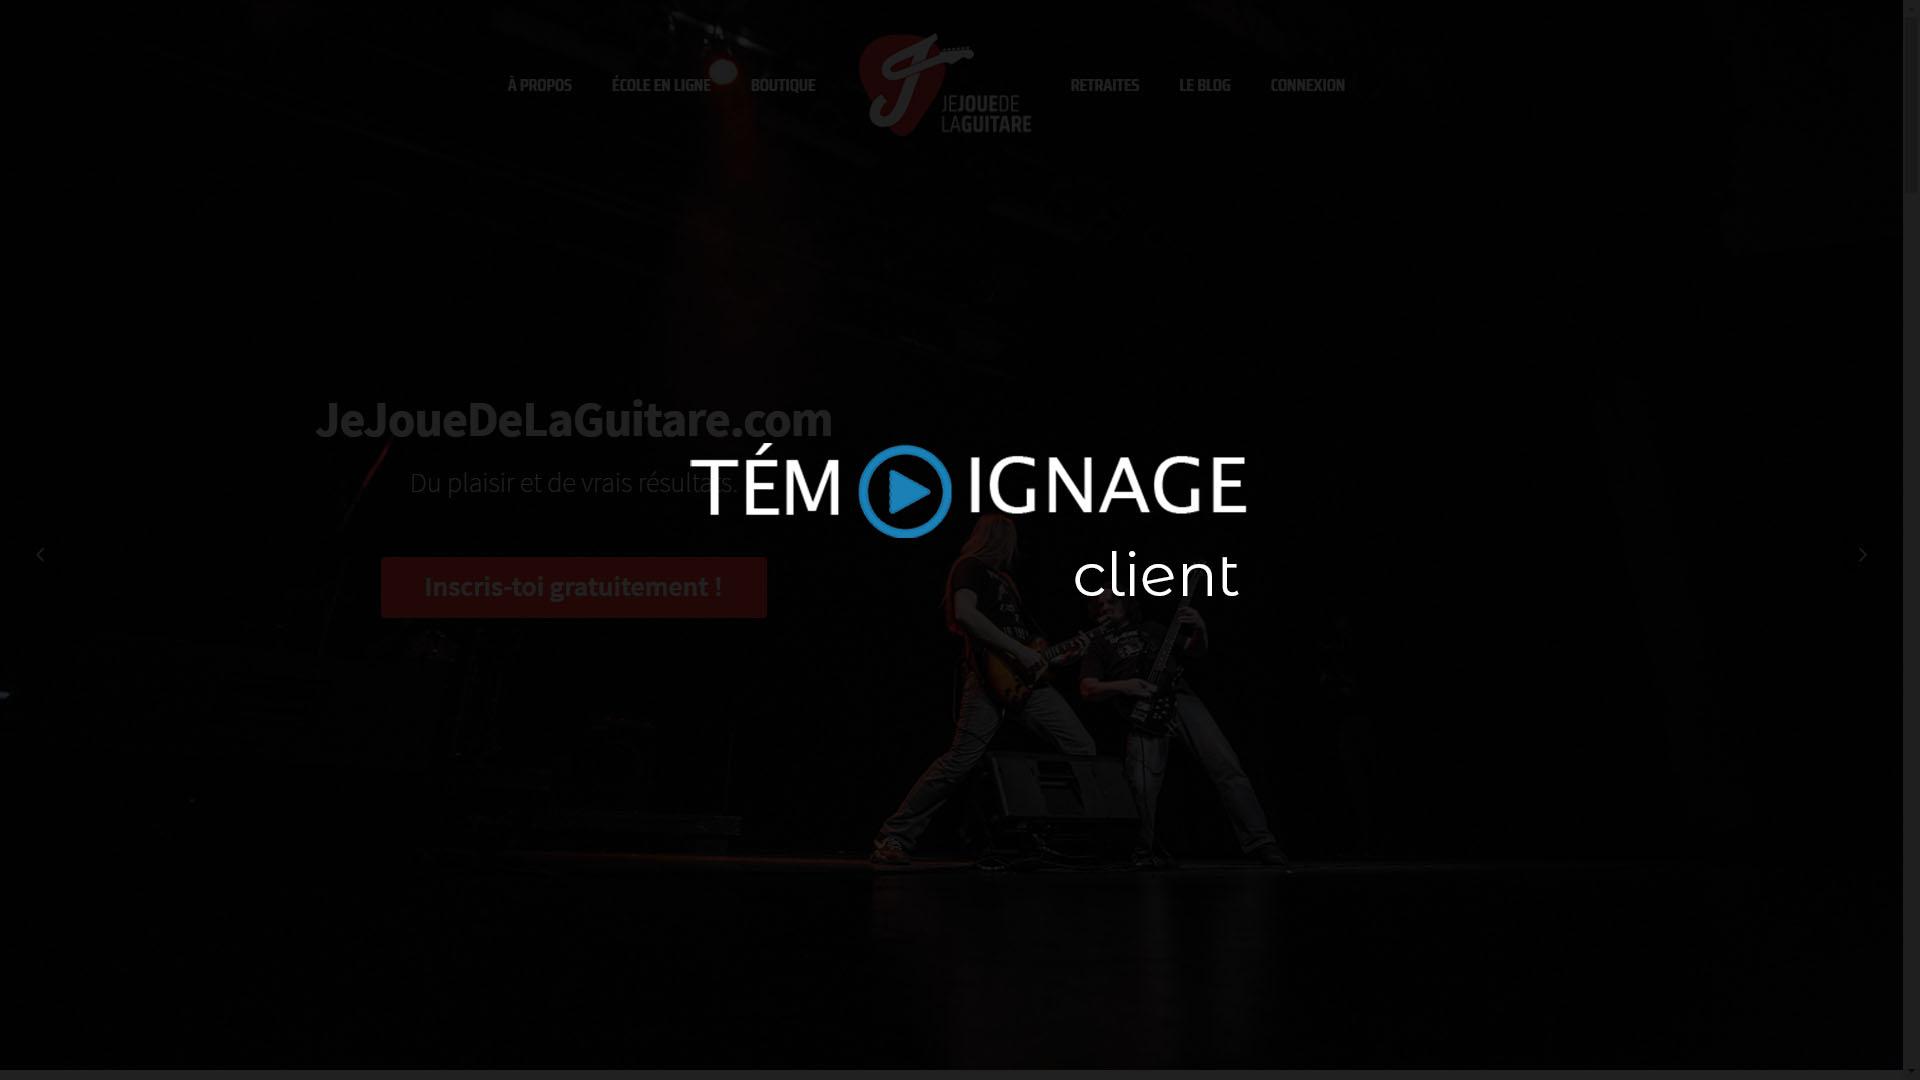 Témoignage client en vidéo : jejouedelaguitare.com